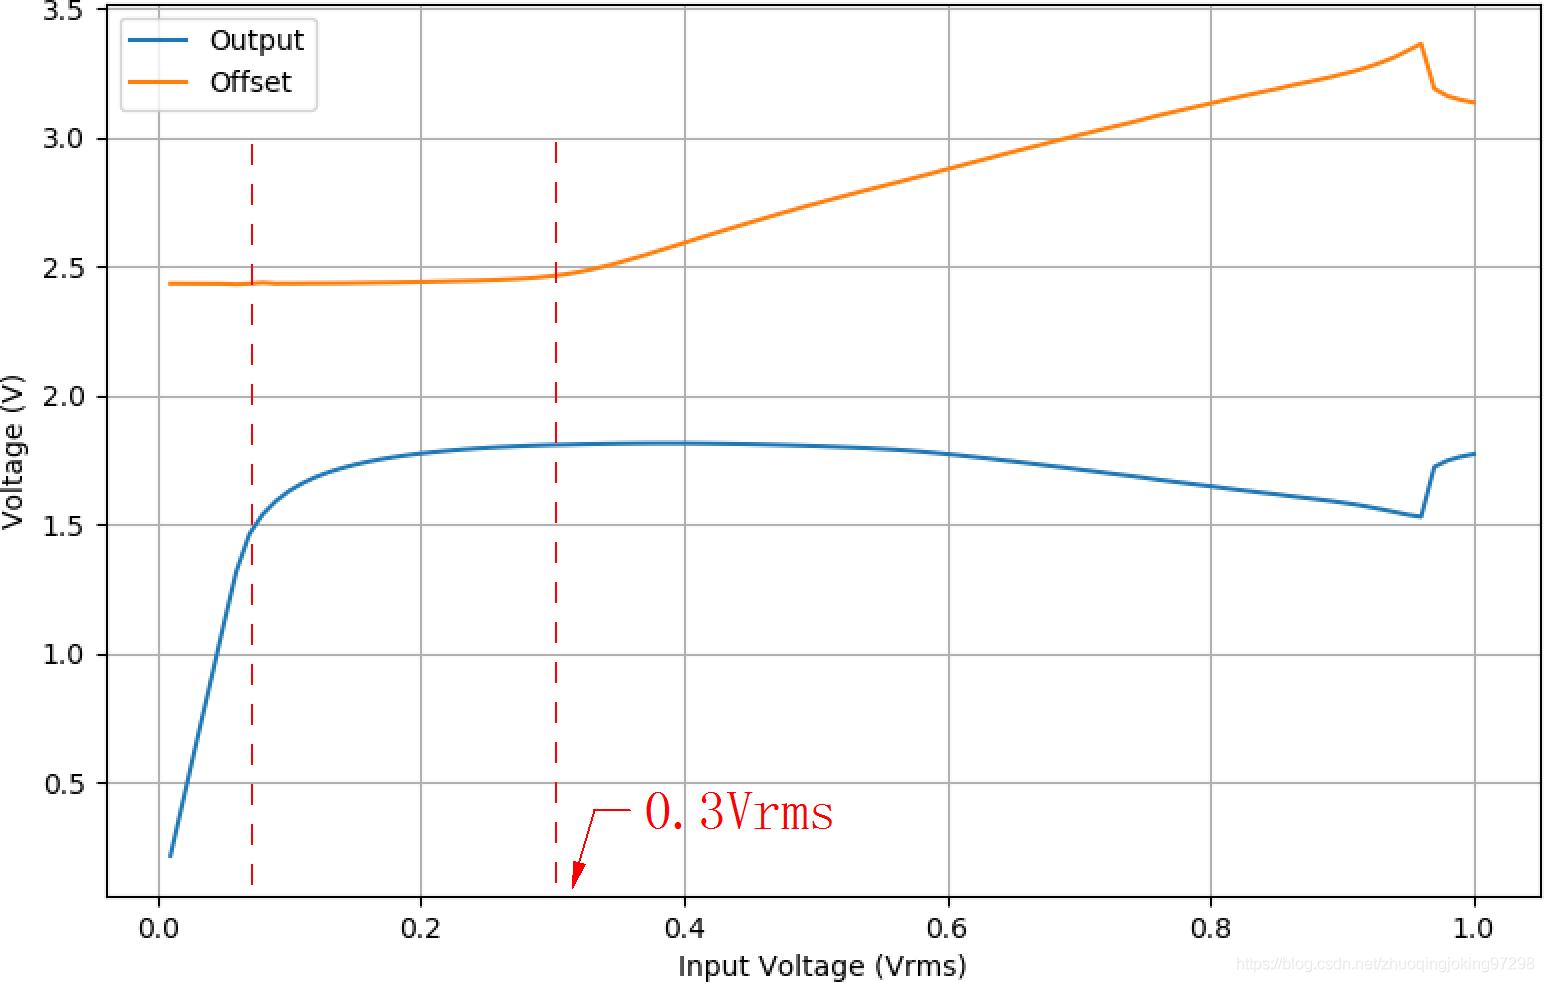 输入信号幅值增大与输出信号幅值、输出直流偏移量之间的关系